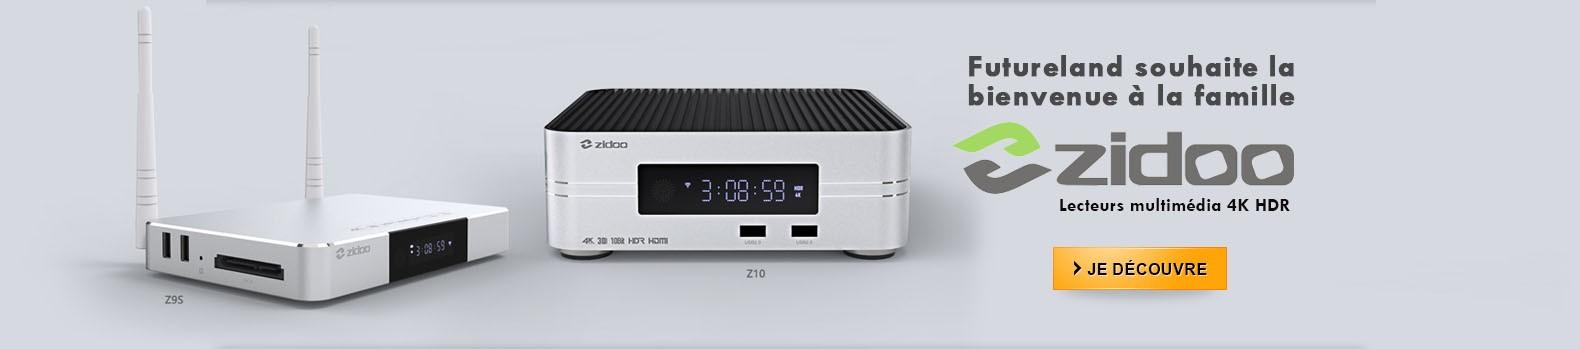 Futureland souhaite la bienvenue à la famille de lecteurs multimédia 4K HDR ZIDOO